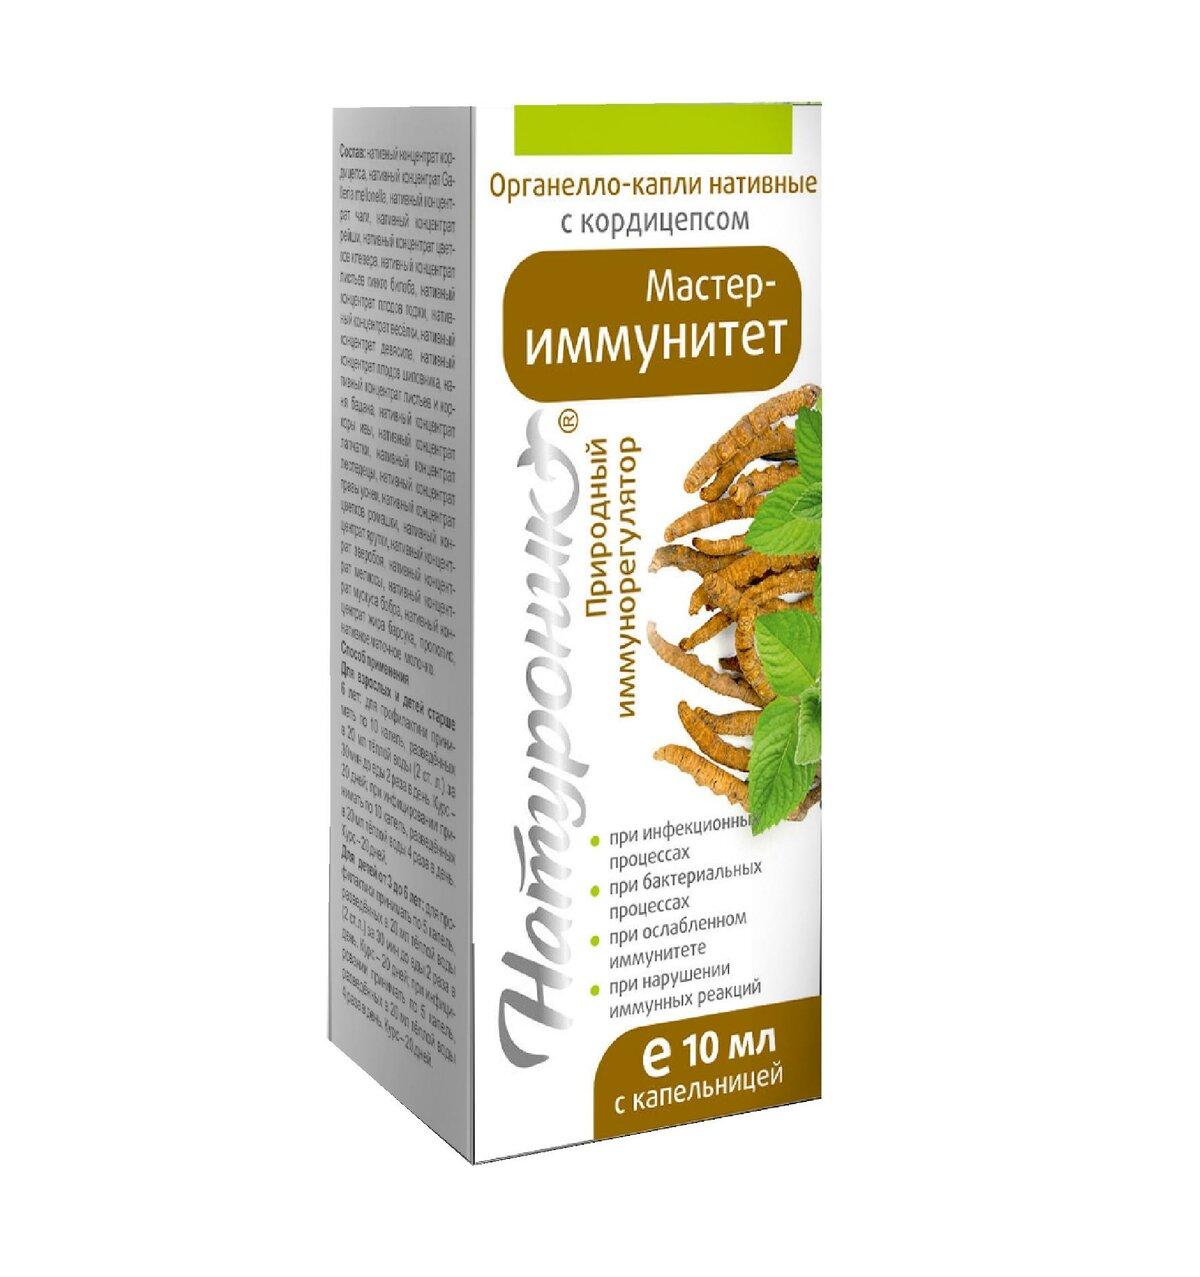 Immunity капли для иммунитета в Арзамасе